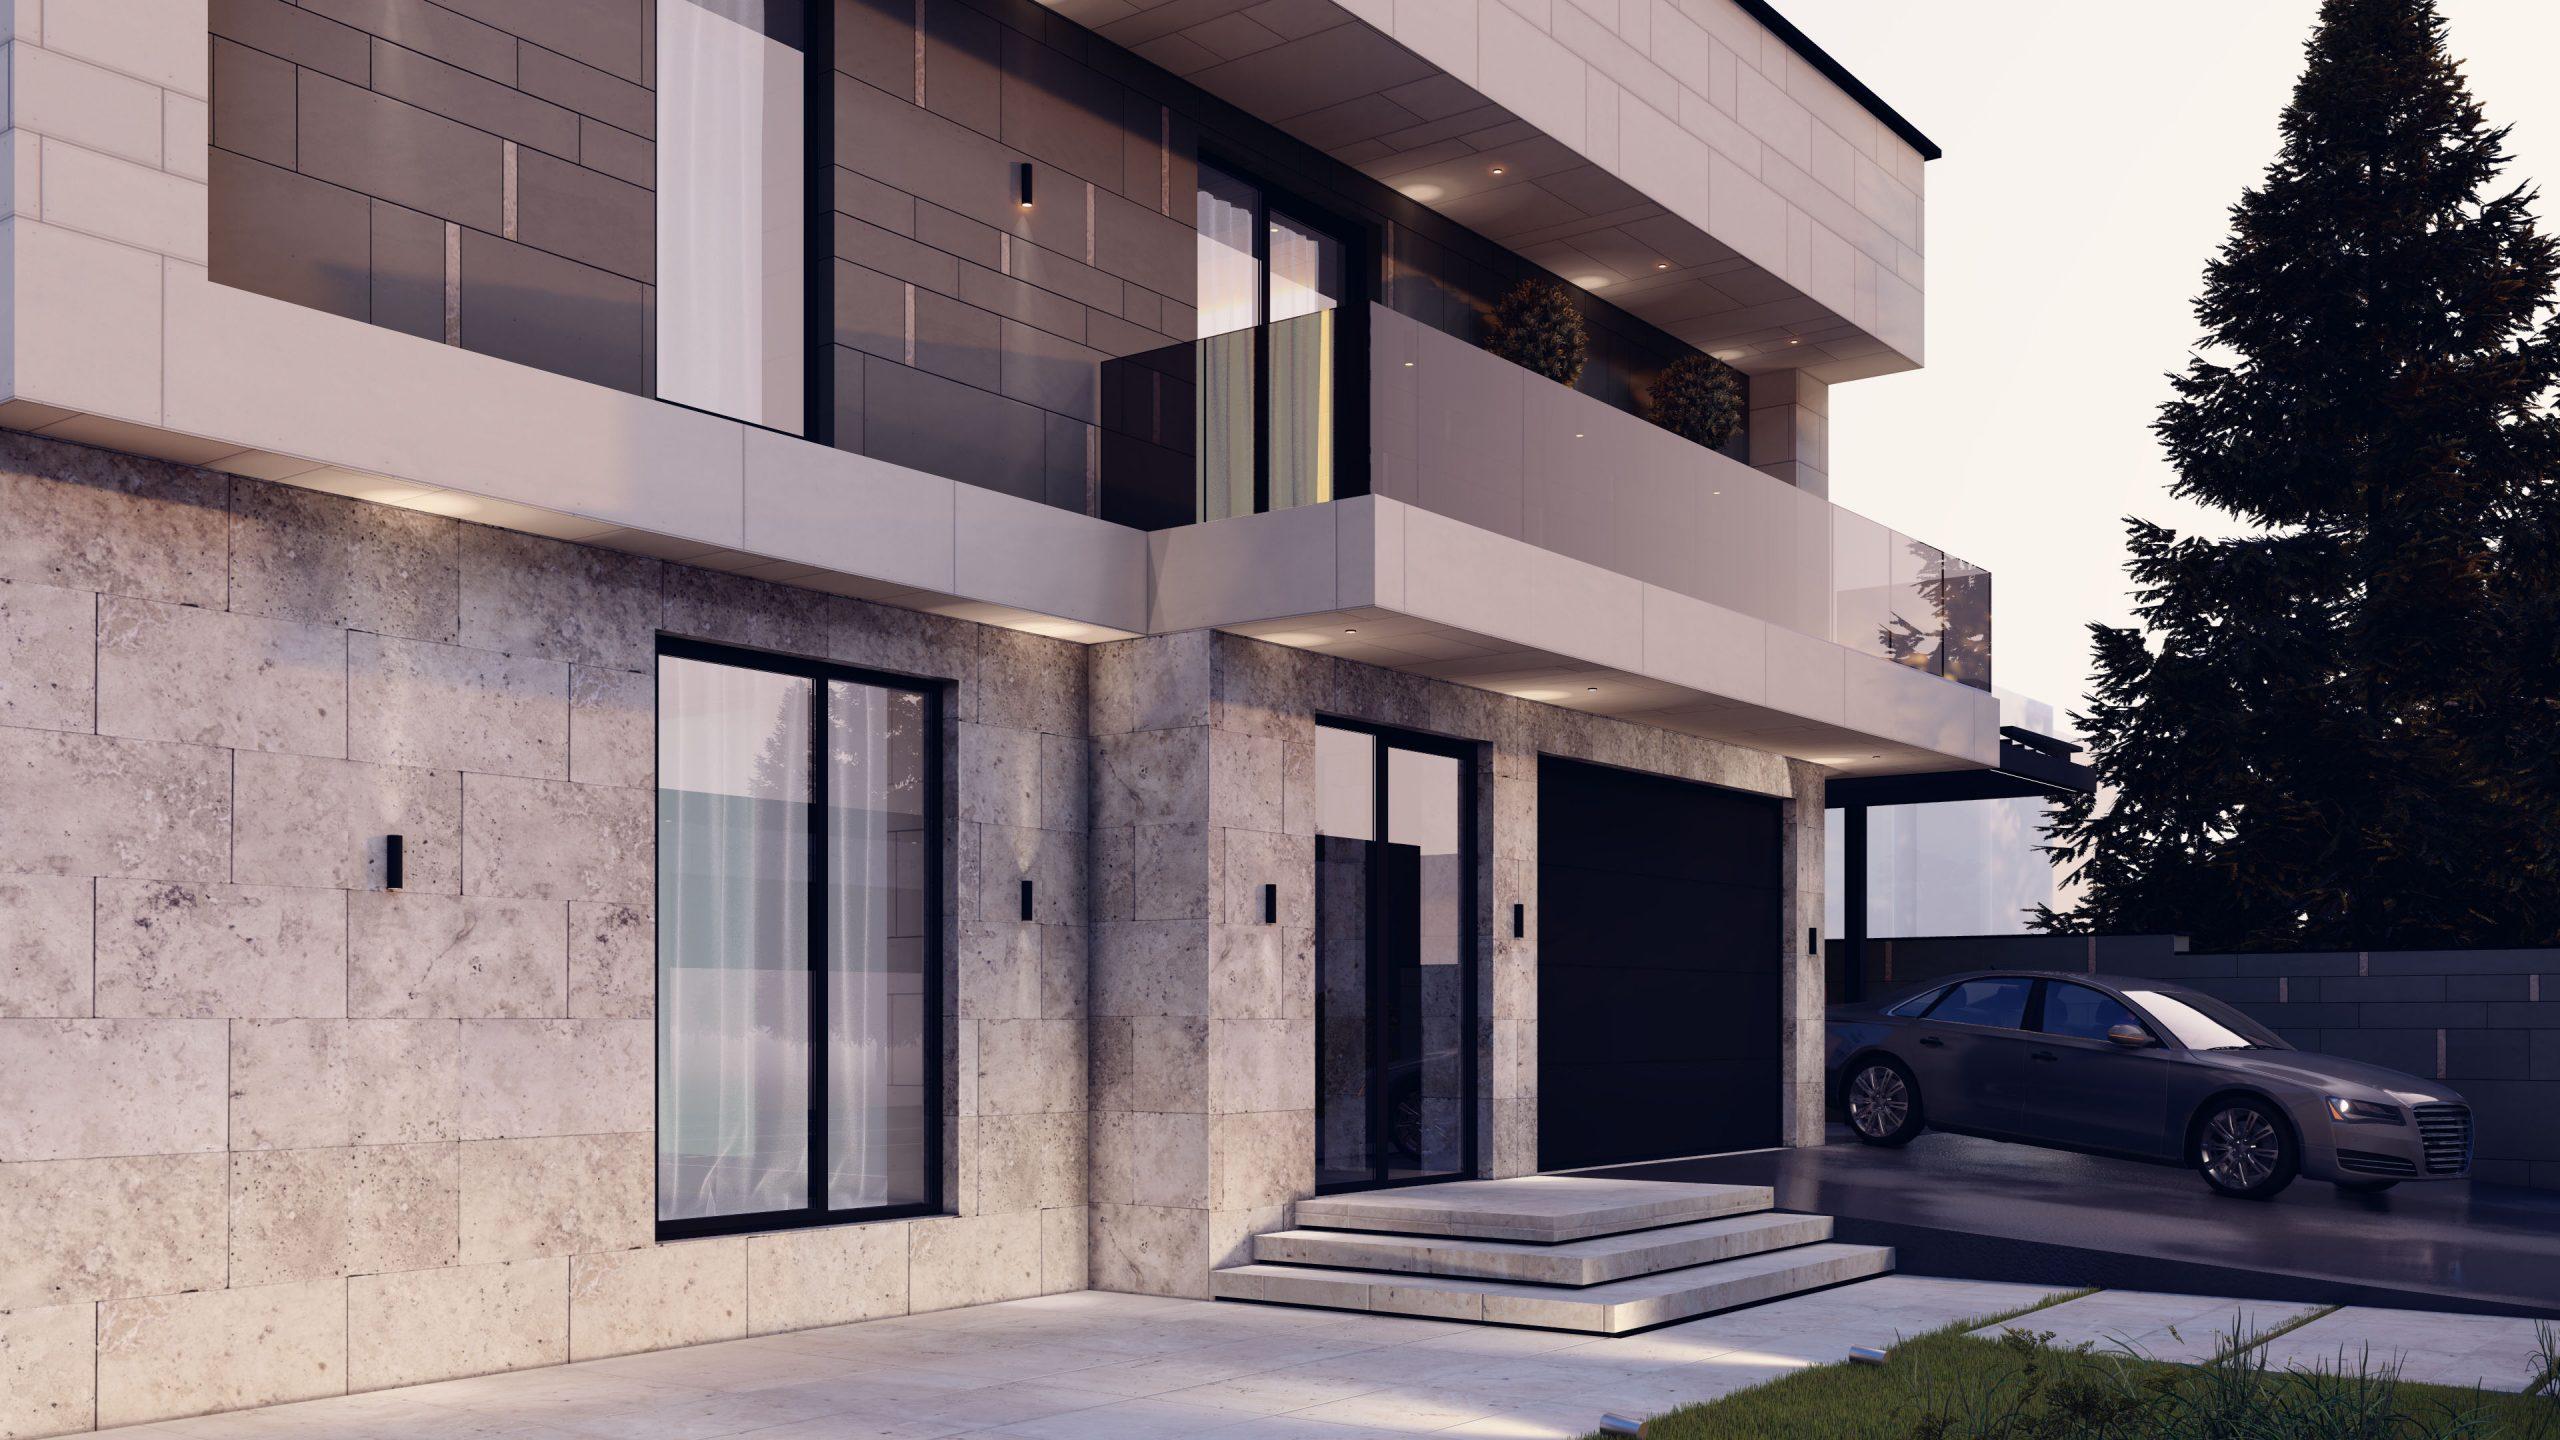 Design pentru casa modernă de inălțimea de 2 etaje, proiect arhitectural modern